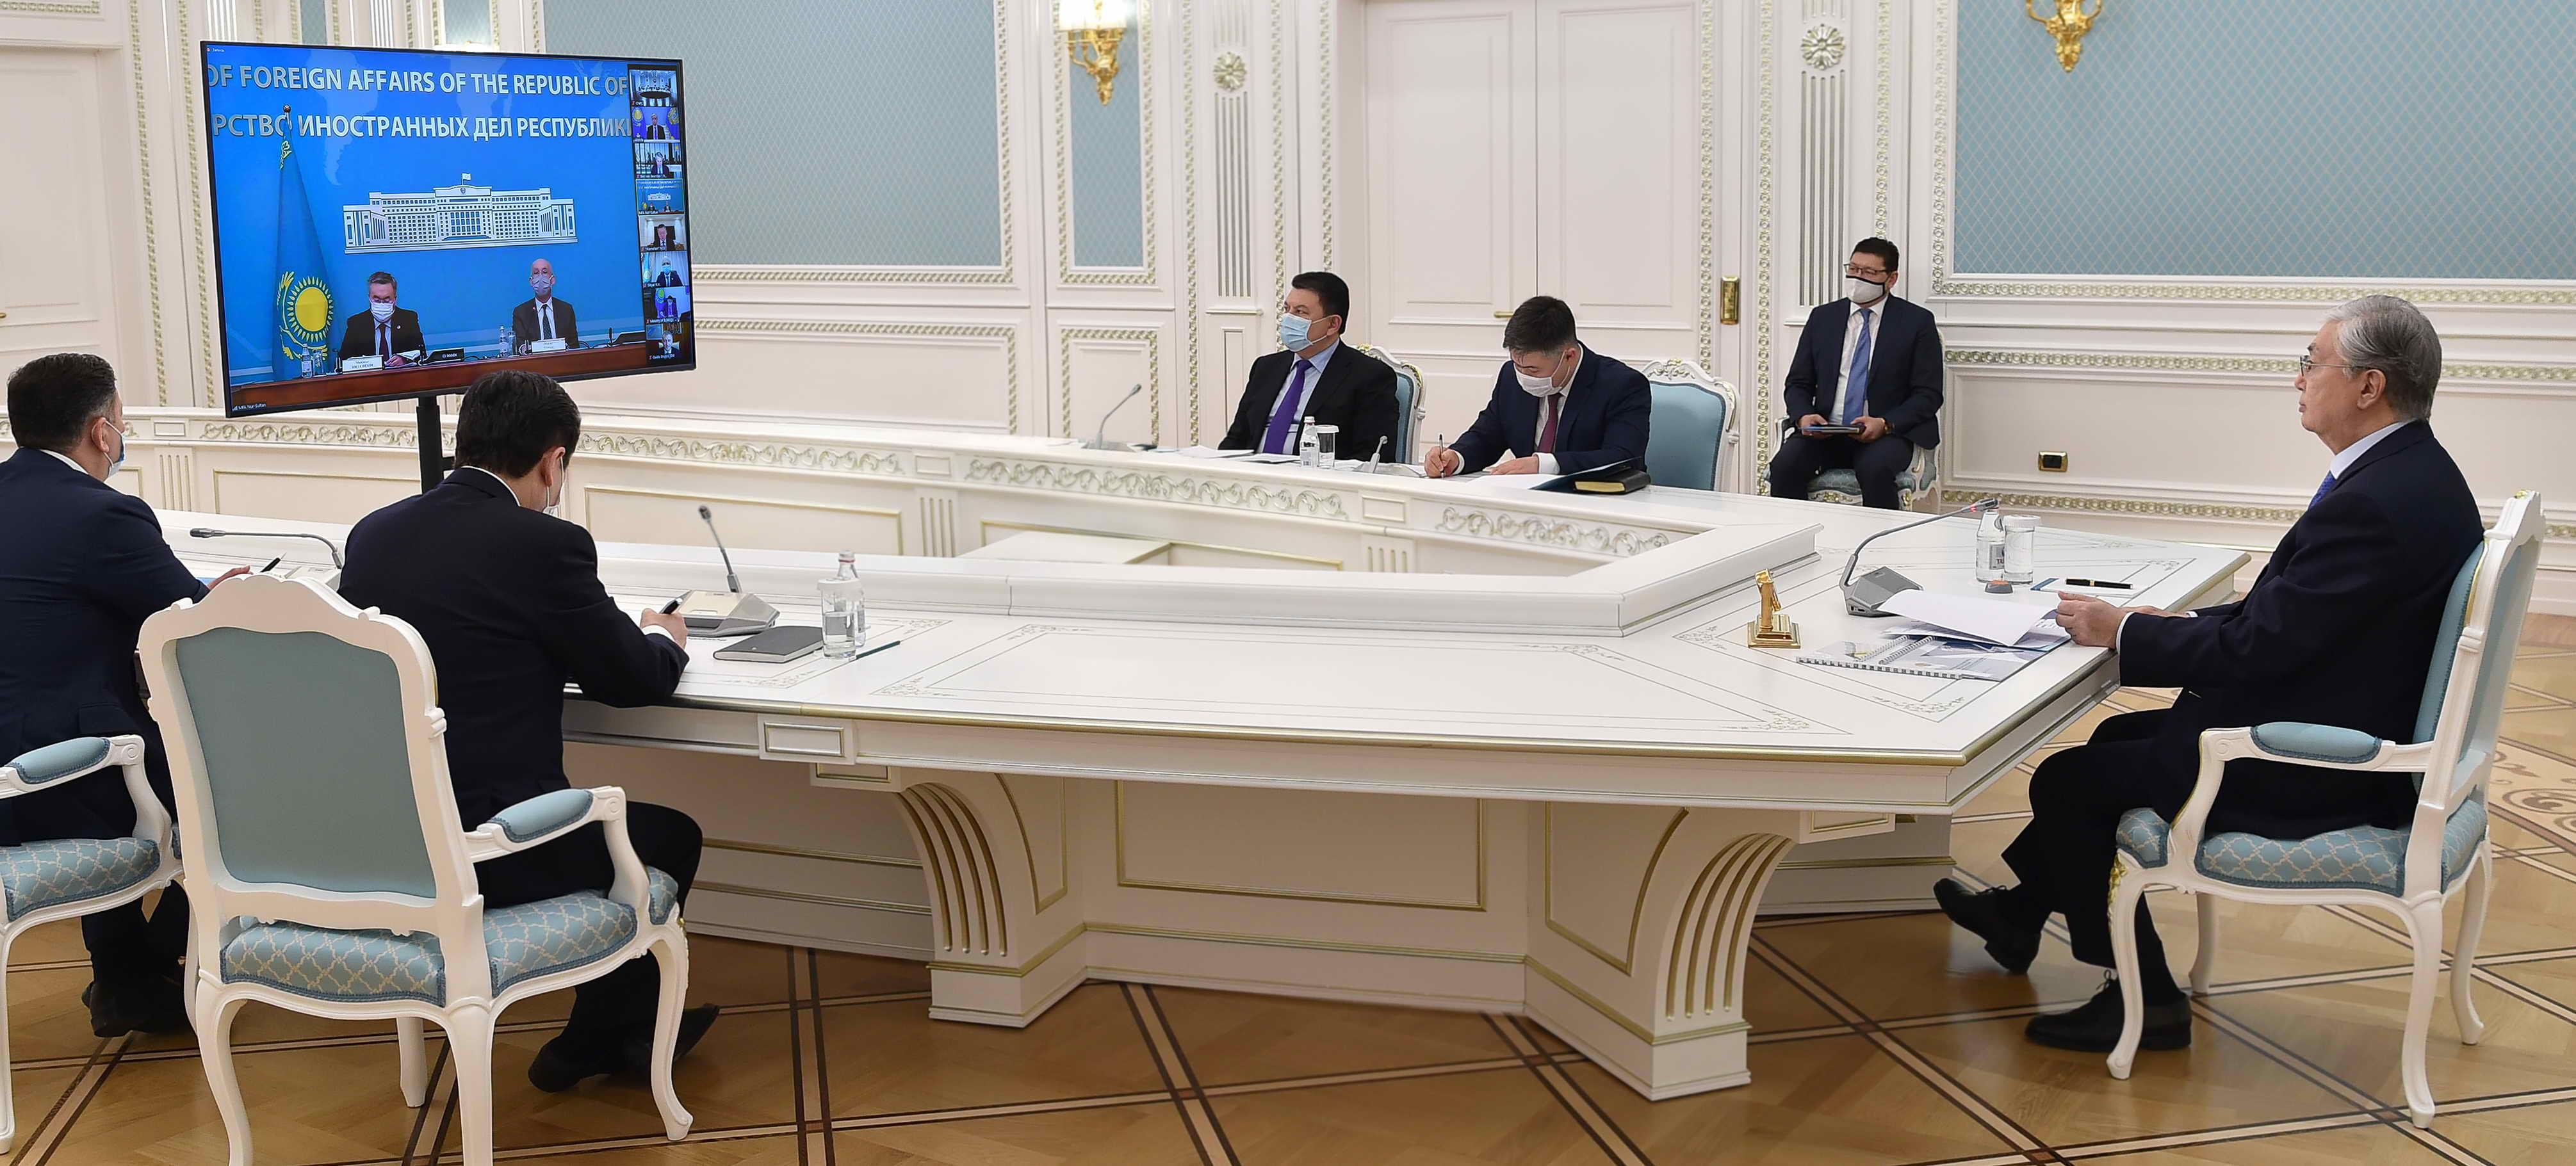 Президент заявил о необходимости выработки механизма регулирования инвестиций в переработку углеводородов